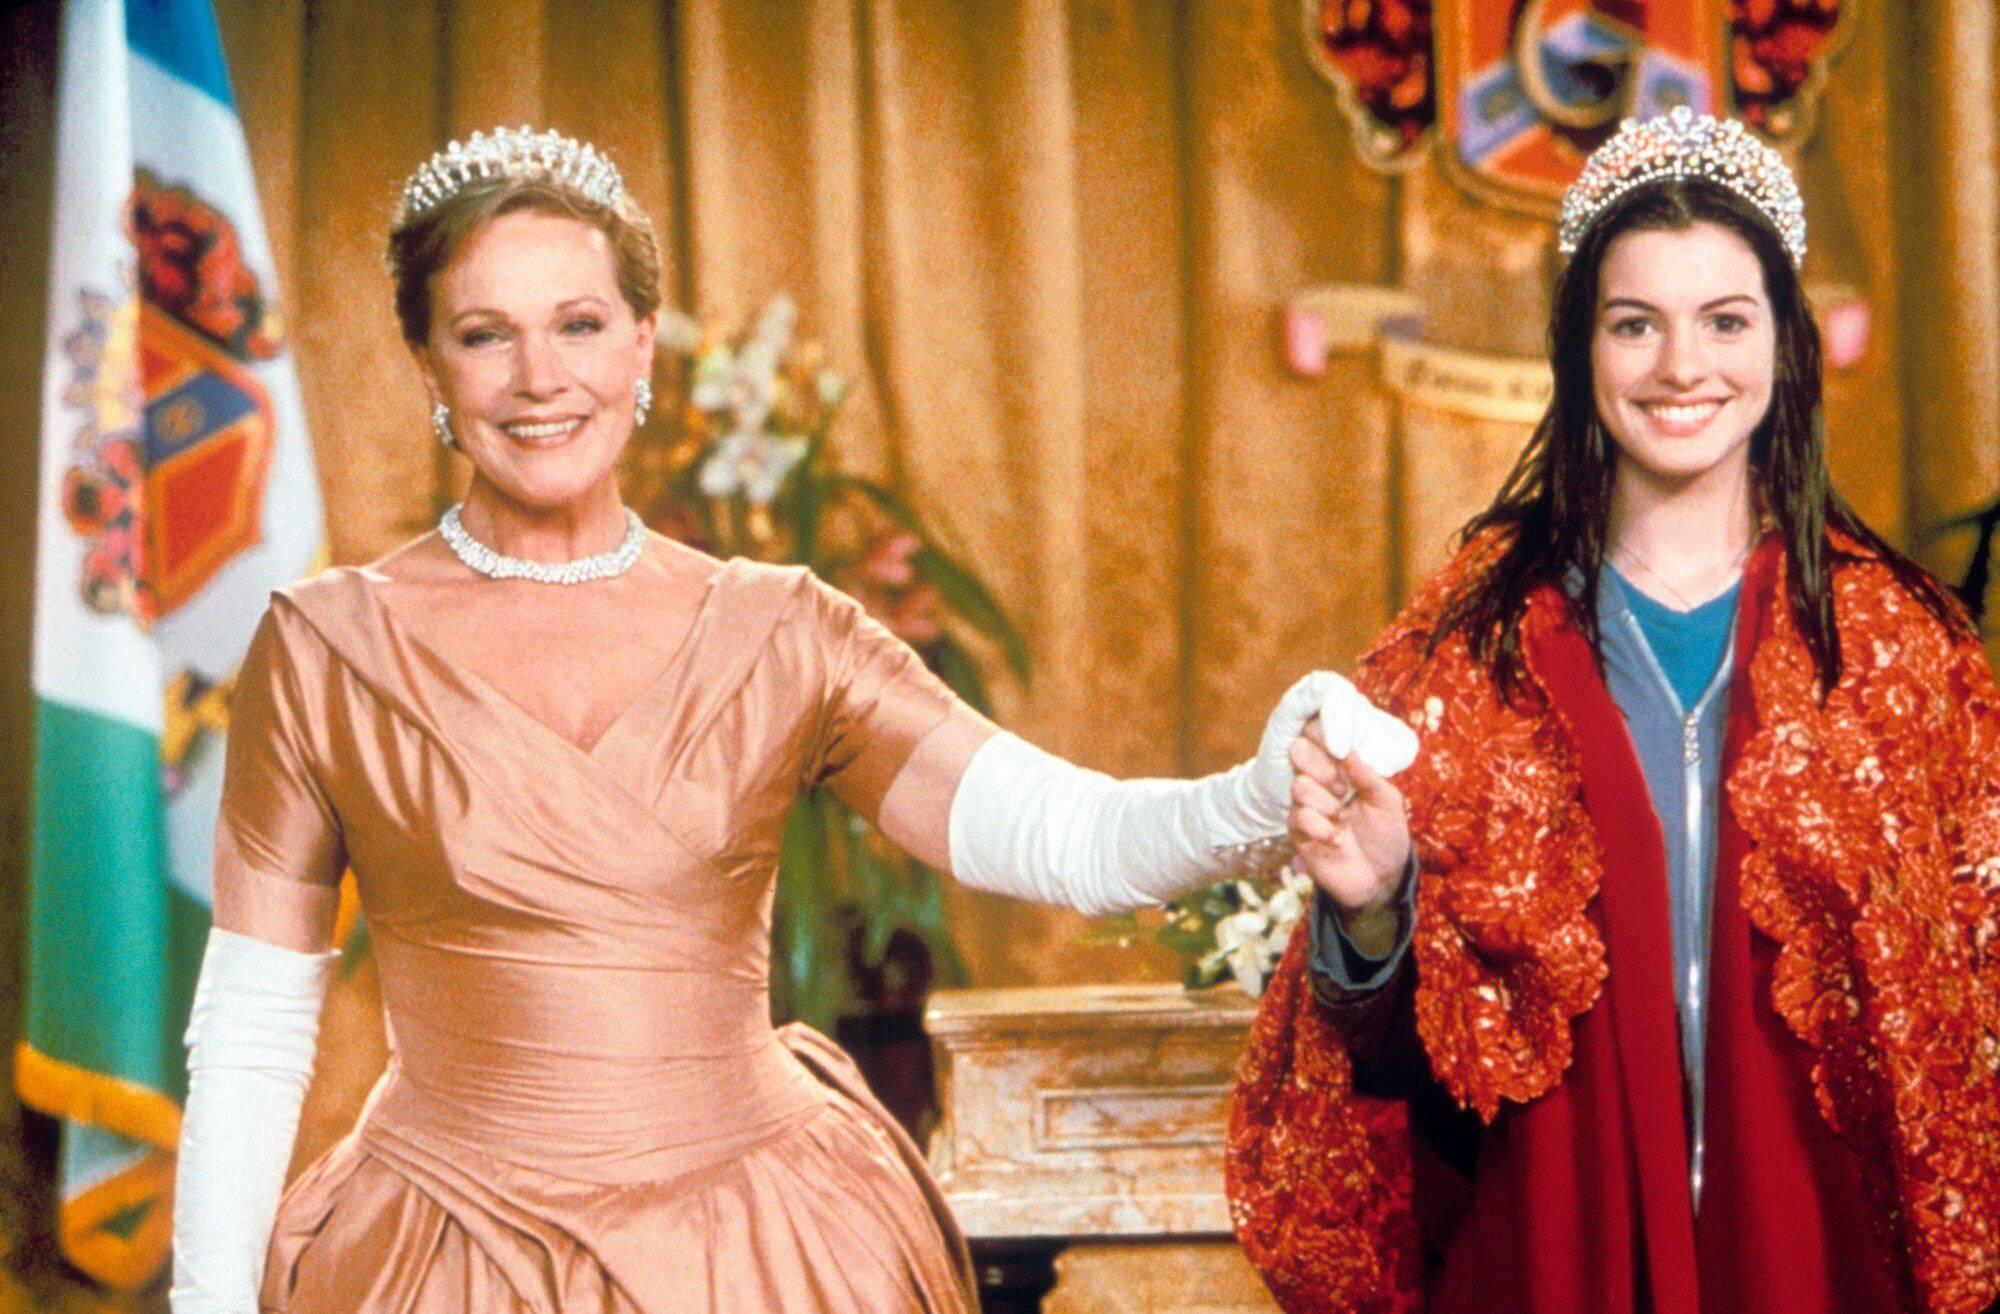 """Clarisse Reinaldi, de """"O Diário da Princesa"""", é uma das avós que marcou a história do cinema. Após conhecer a neta Mia, a monarca estabelece uma grande amizade com a neta e herdeira de Genóvia. (Foto: Divulgação)"""